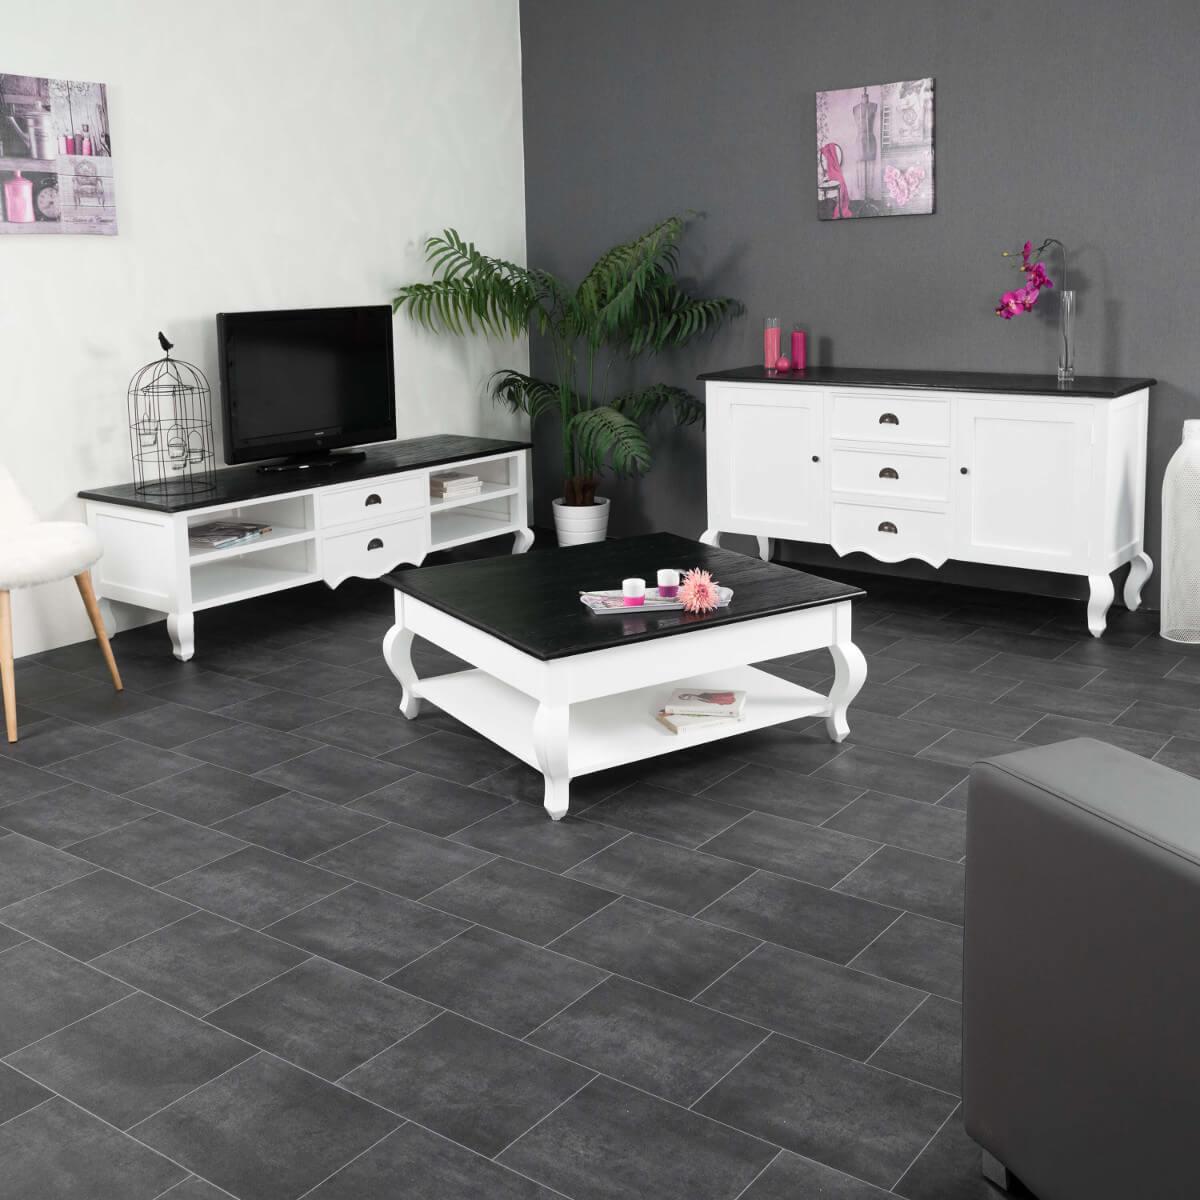 Meuble tv baroque meuble tv acajou blanc rectangle idao 170 cm - Meuble de tele but ...